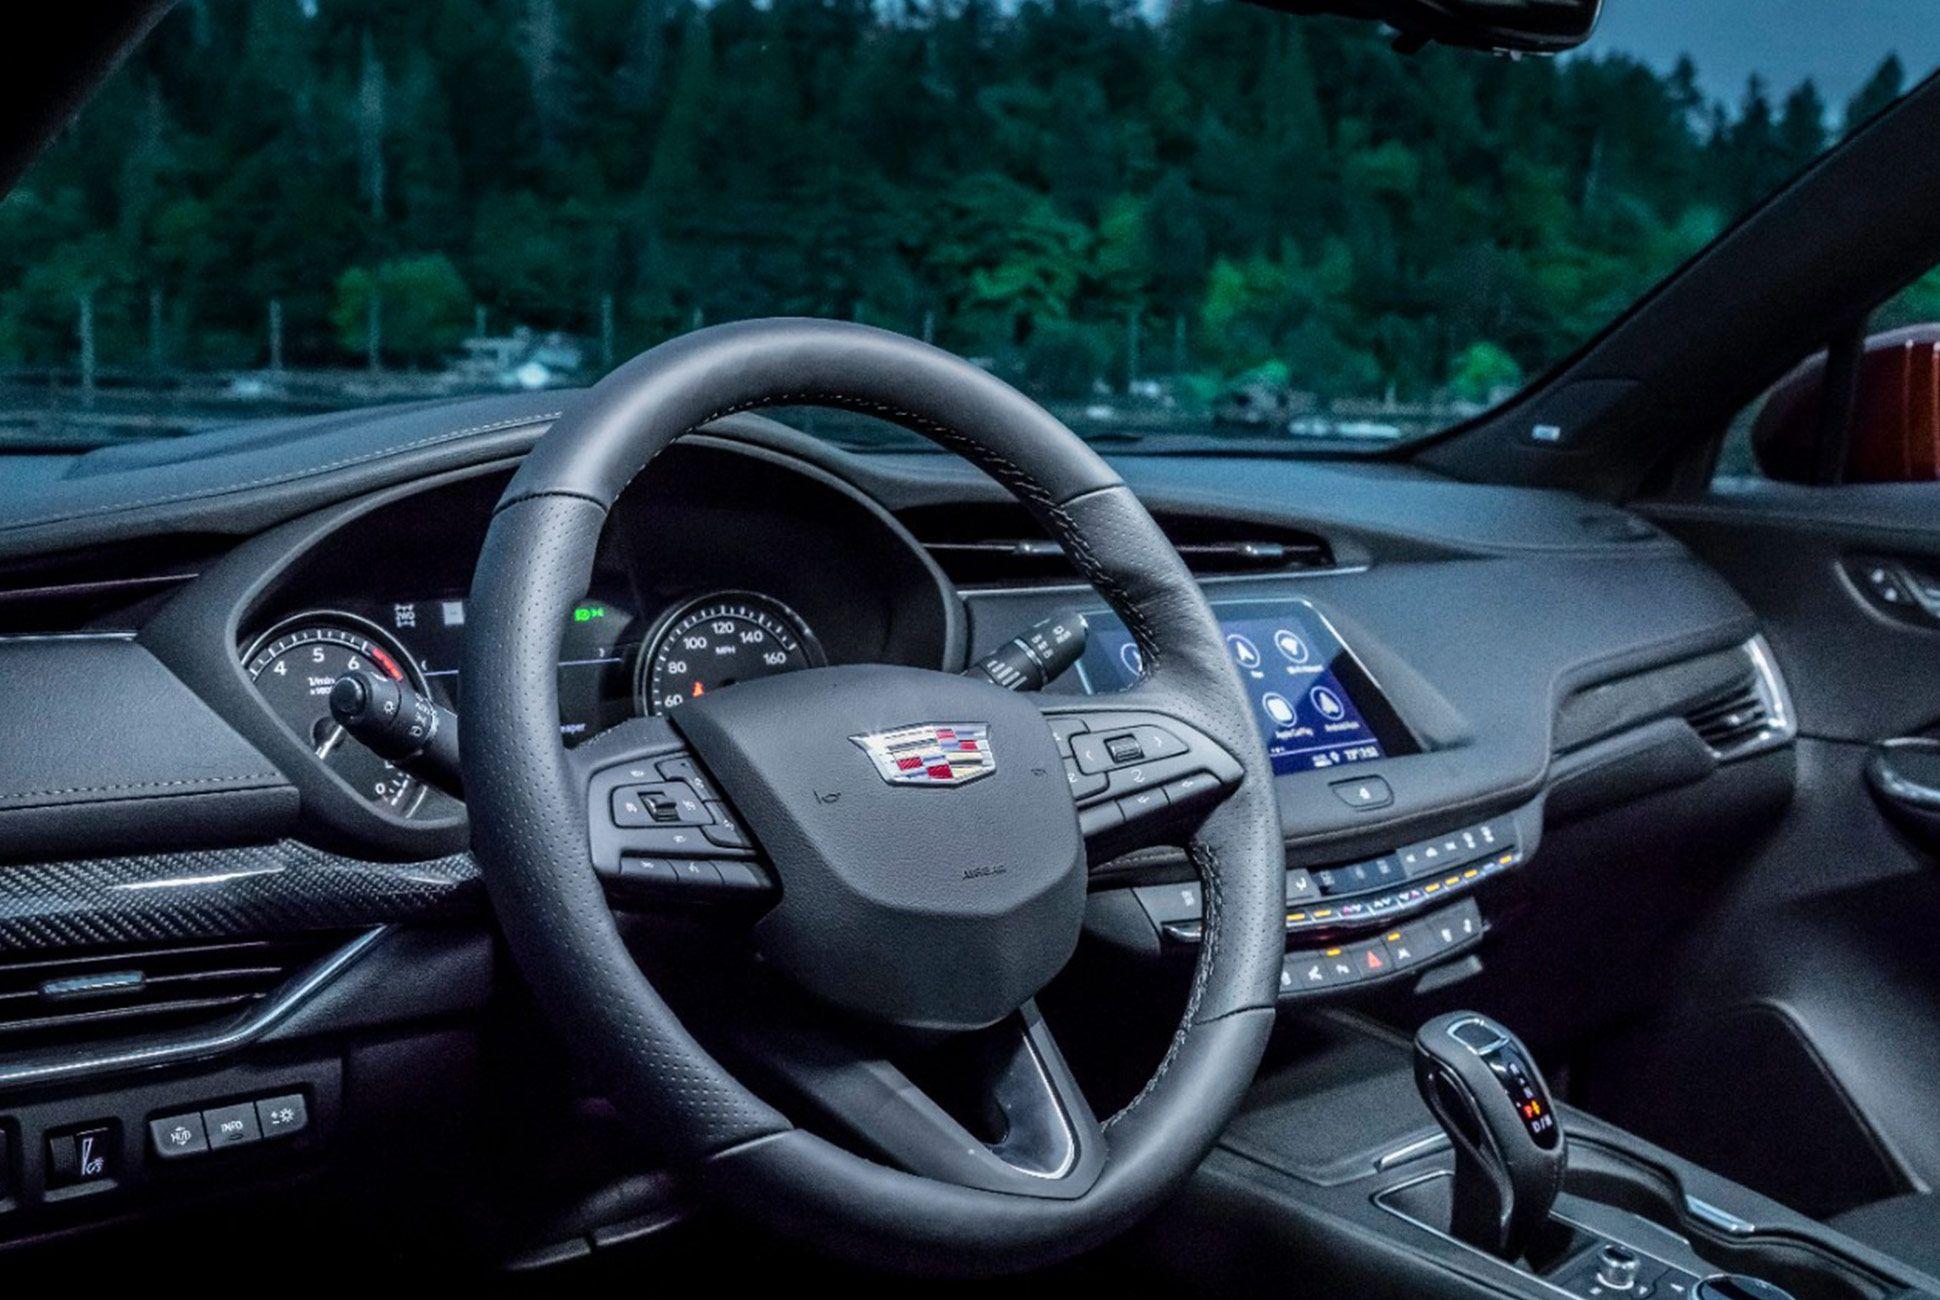 2019-Cadillac-XT4-Gear-Patrol-slide-8